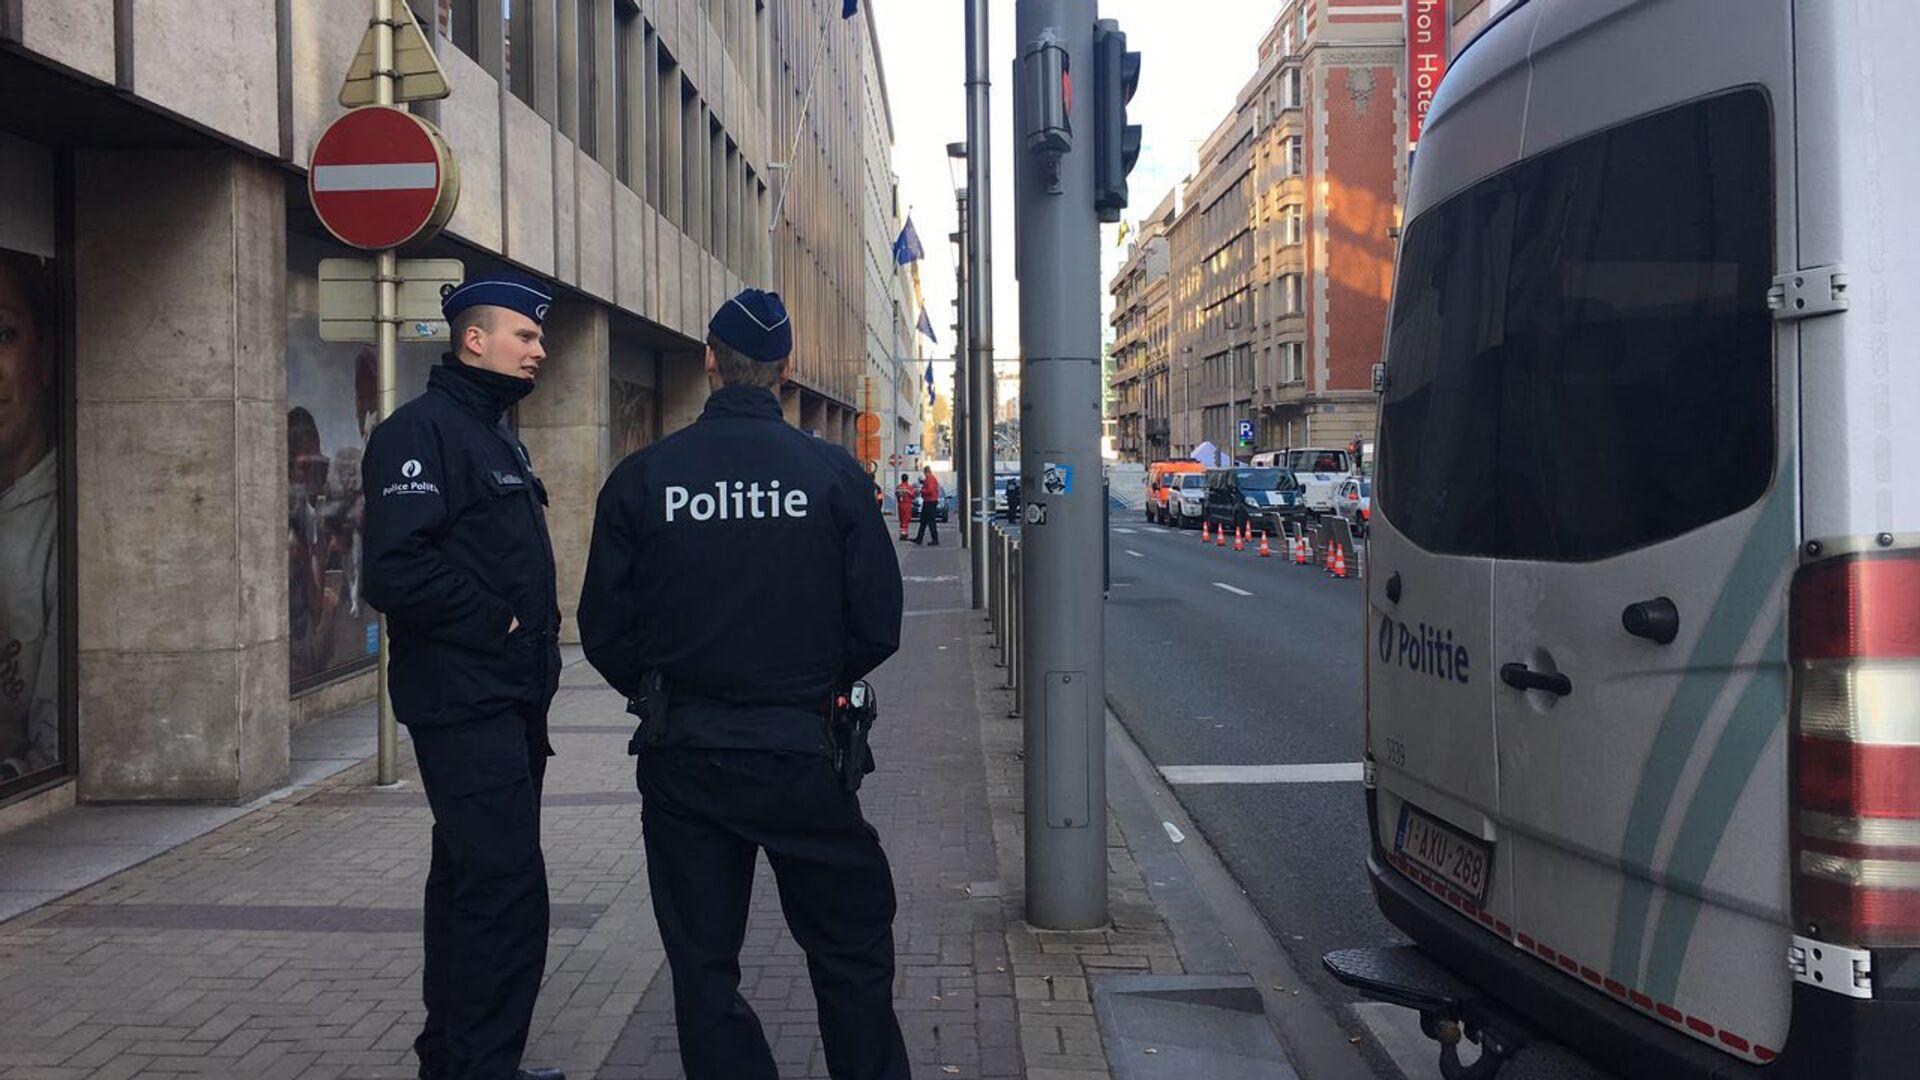 Сотрудники полиции на улице Брюсселя, Бельгия. 22 марта 2016 - РИА Новости, 1920, 11.01.2021